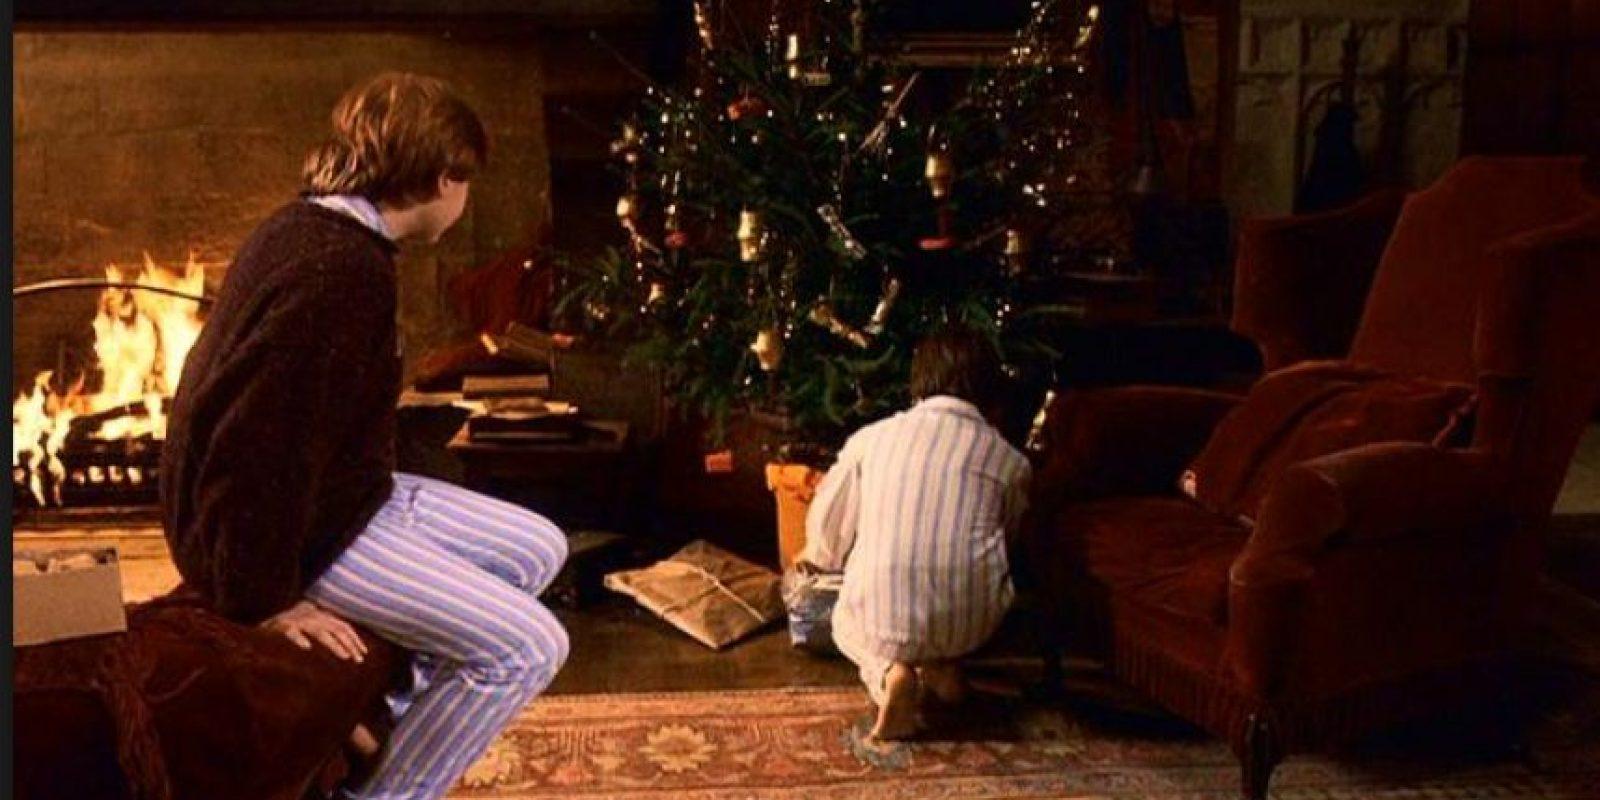 La primera película de la franquicia, Harry Potter y la piedra filosofal, fue estrenada mundialmente a finales del año 2001 Foto:Warner Bros